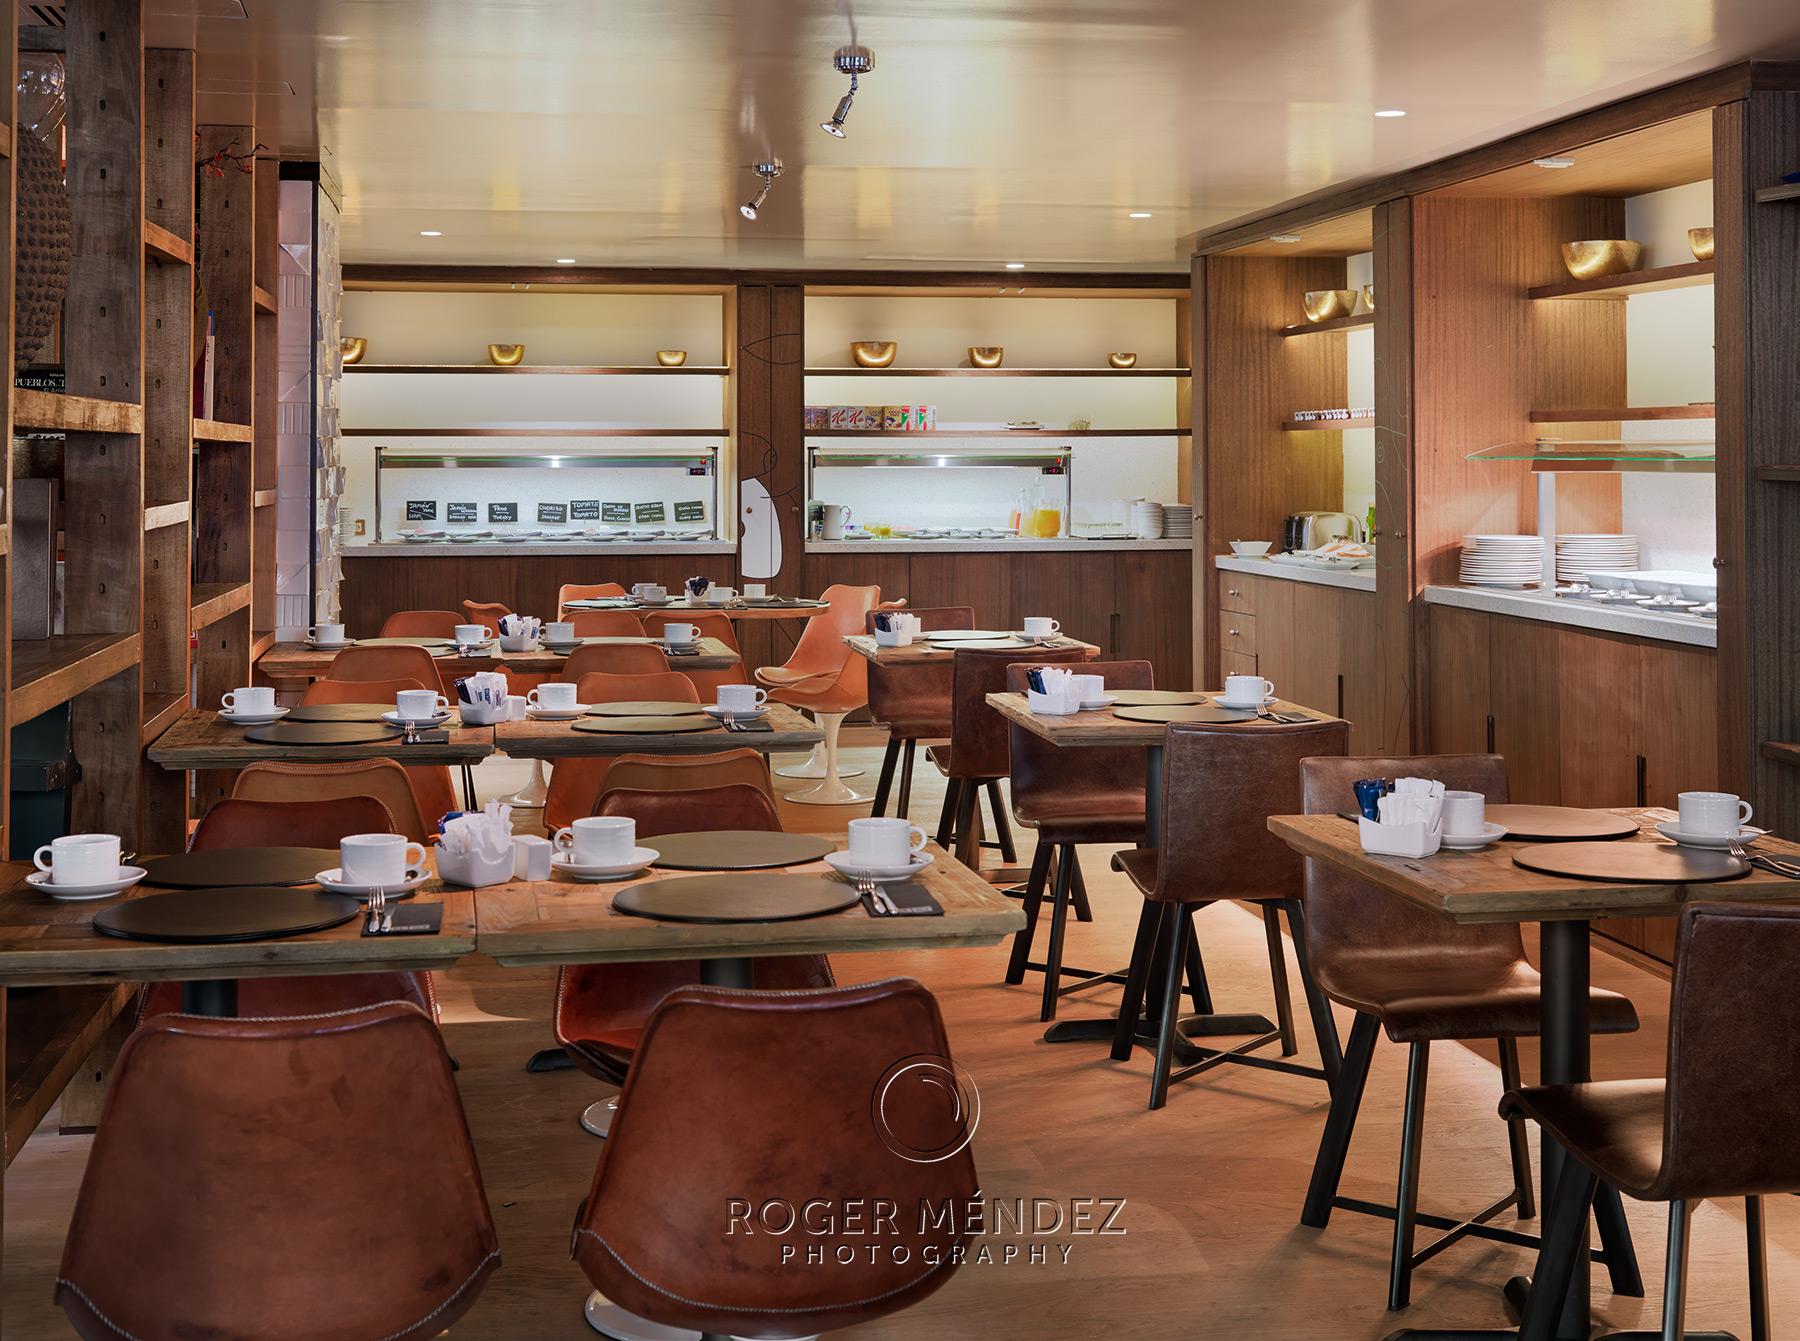 Restaurante Soho. Montaje desayuno